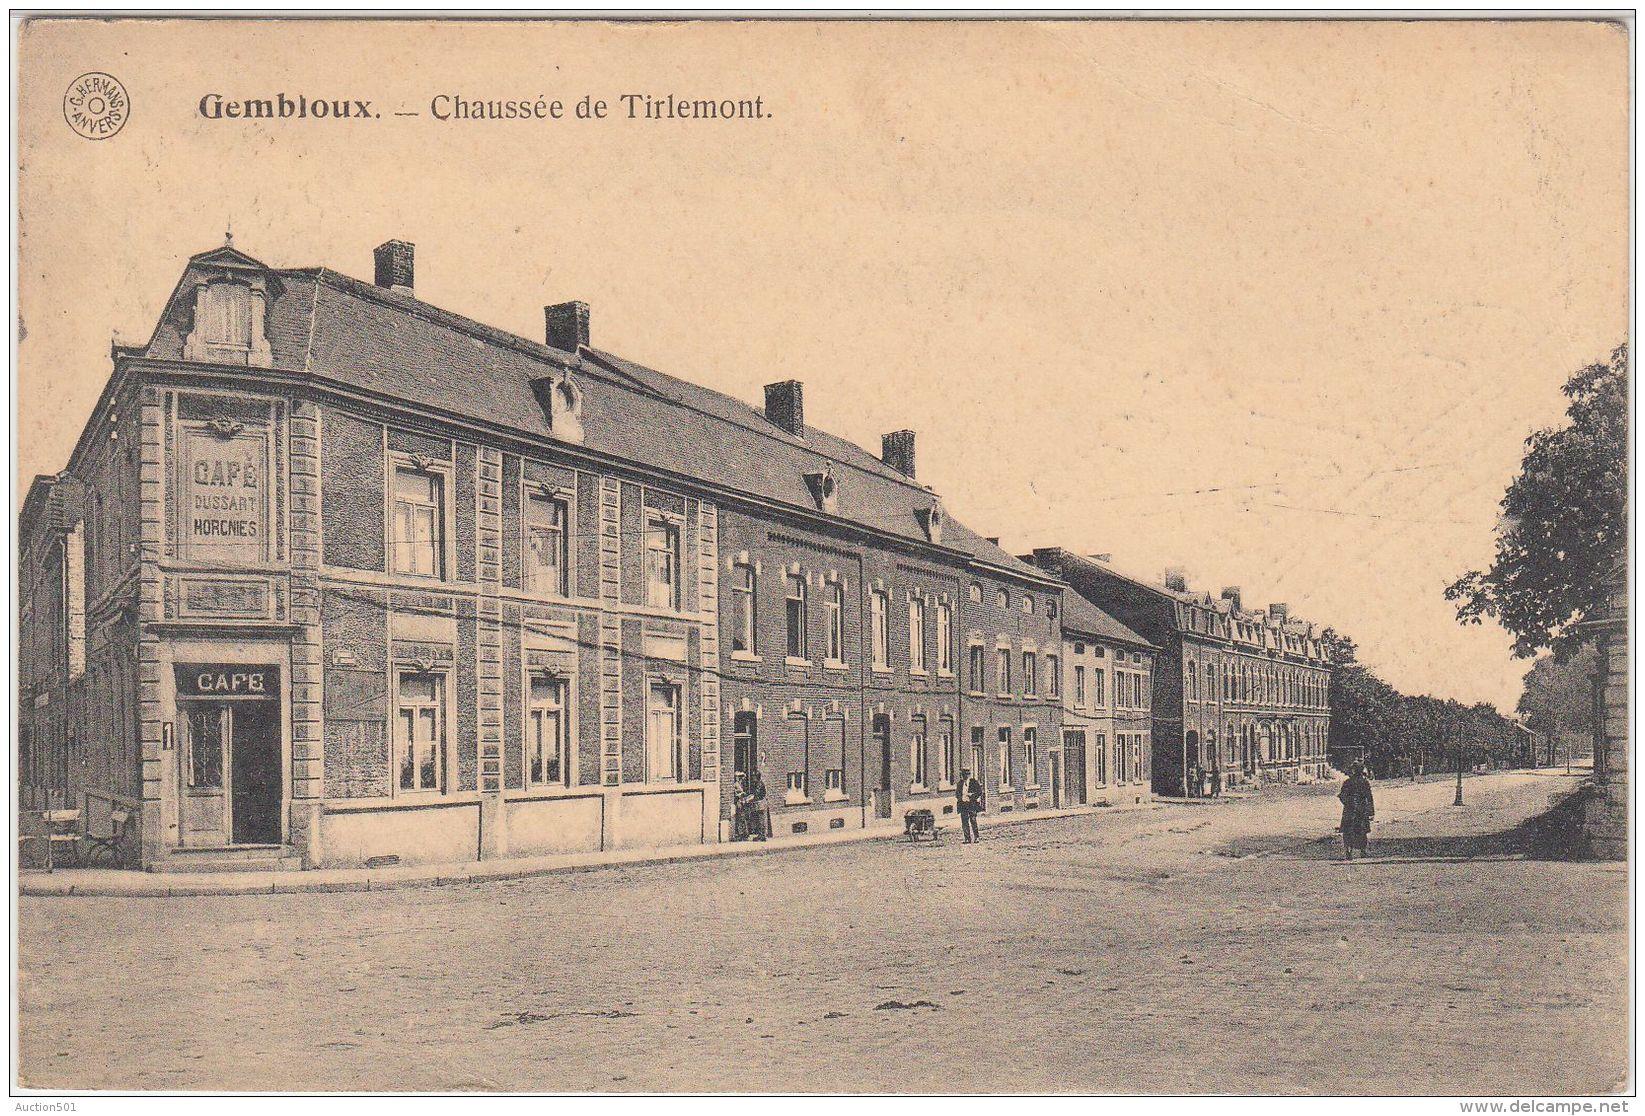 27202g  CAFE DUSSART HORCNIES - CHAUSSEE DE TIRLEMONT - Gembloux - Gembloux